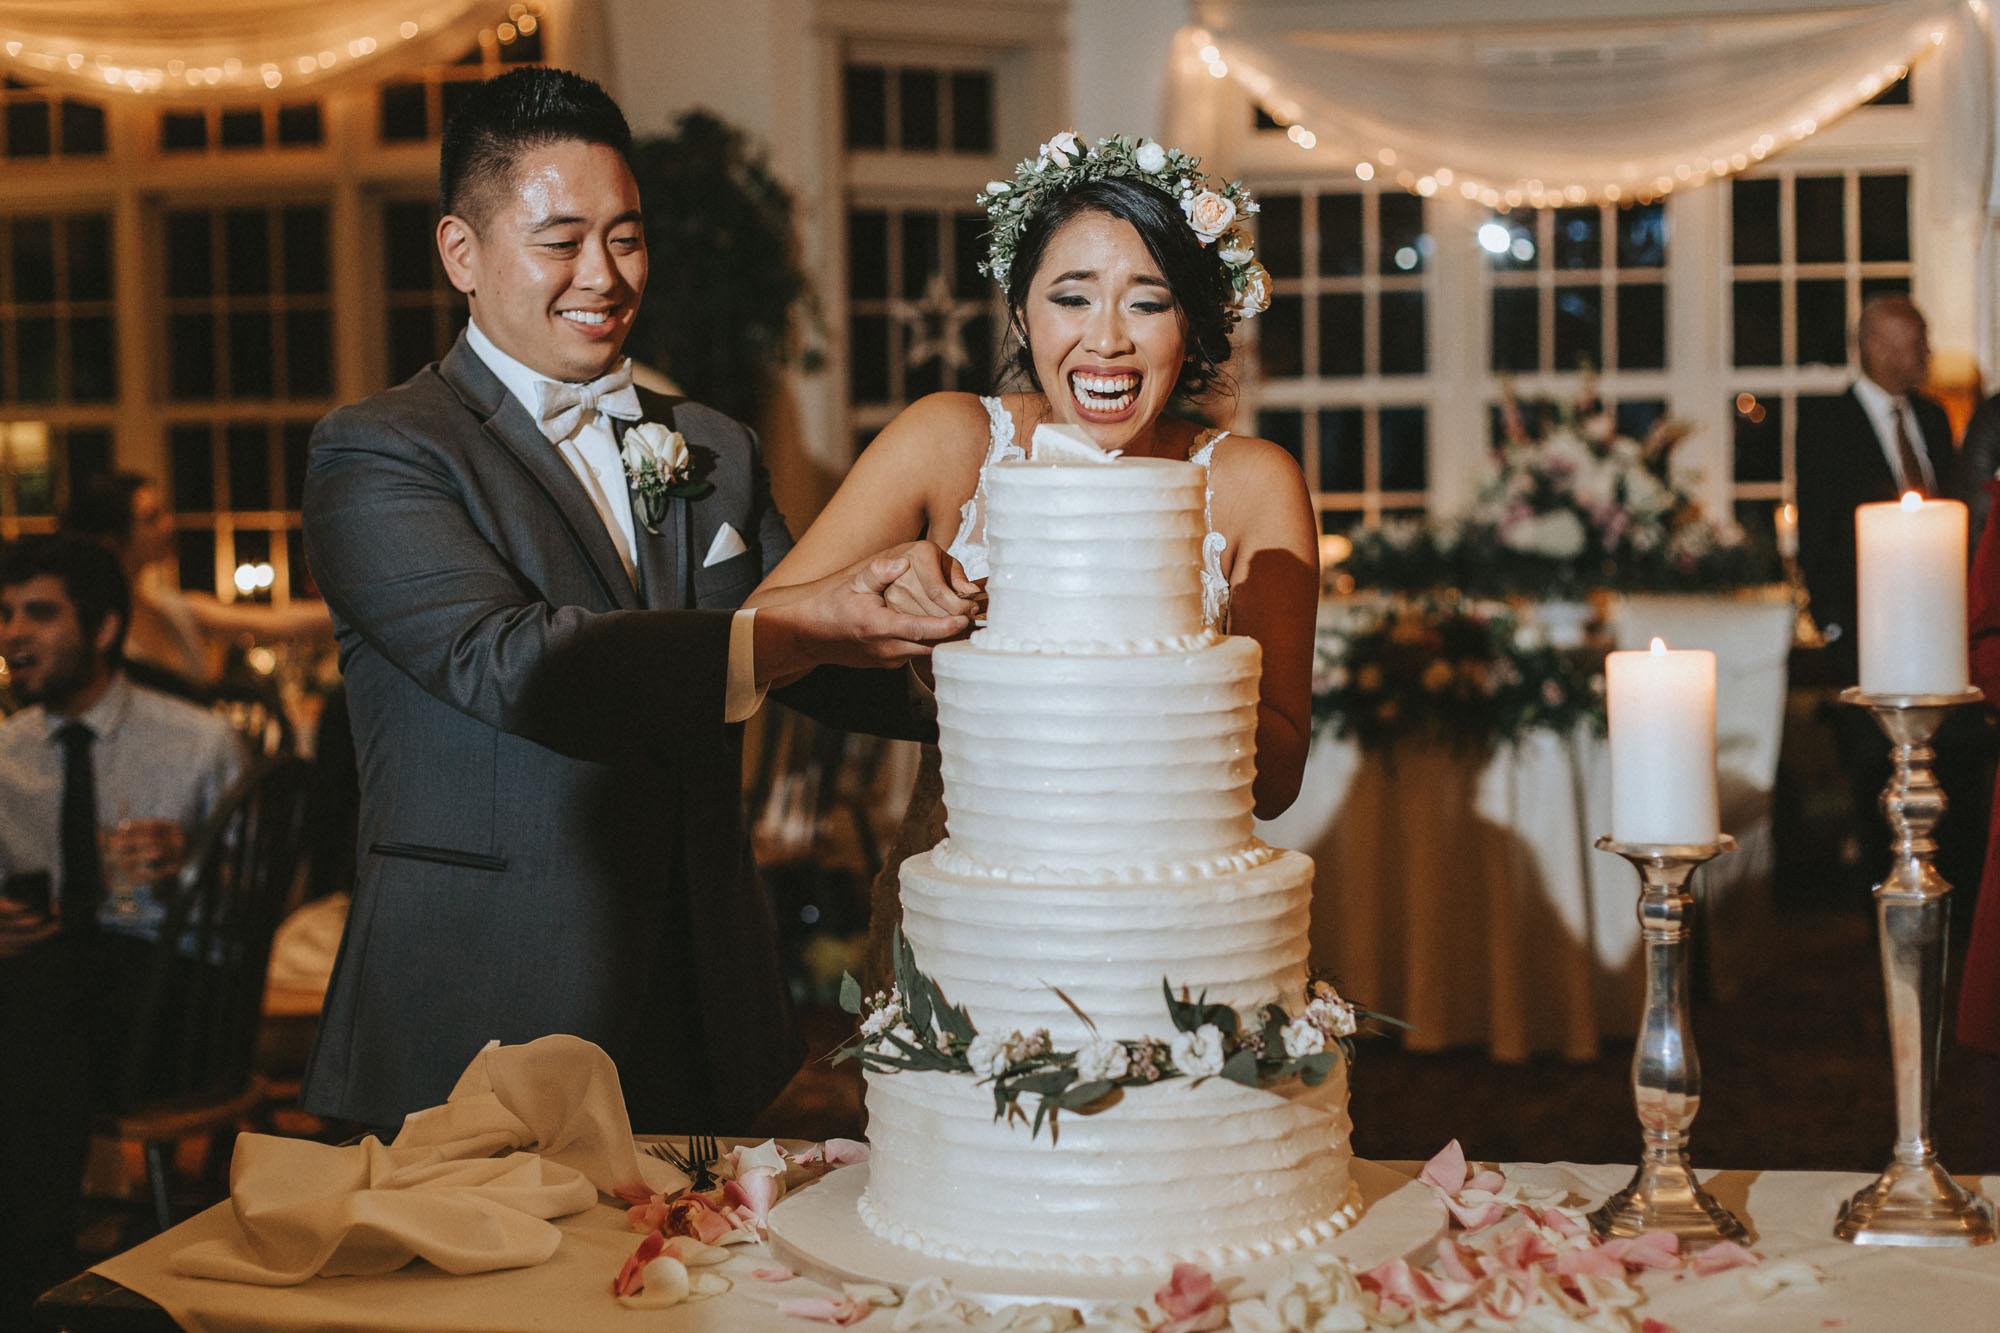 Twisted-Oaks-Studio-Connie-Alex-Wedding-511.jpg